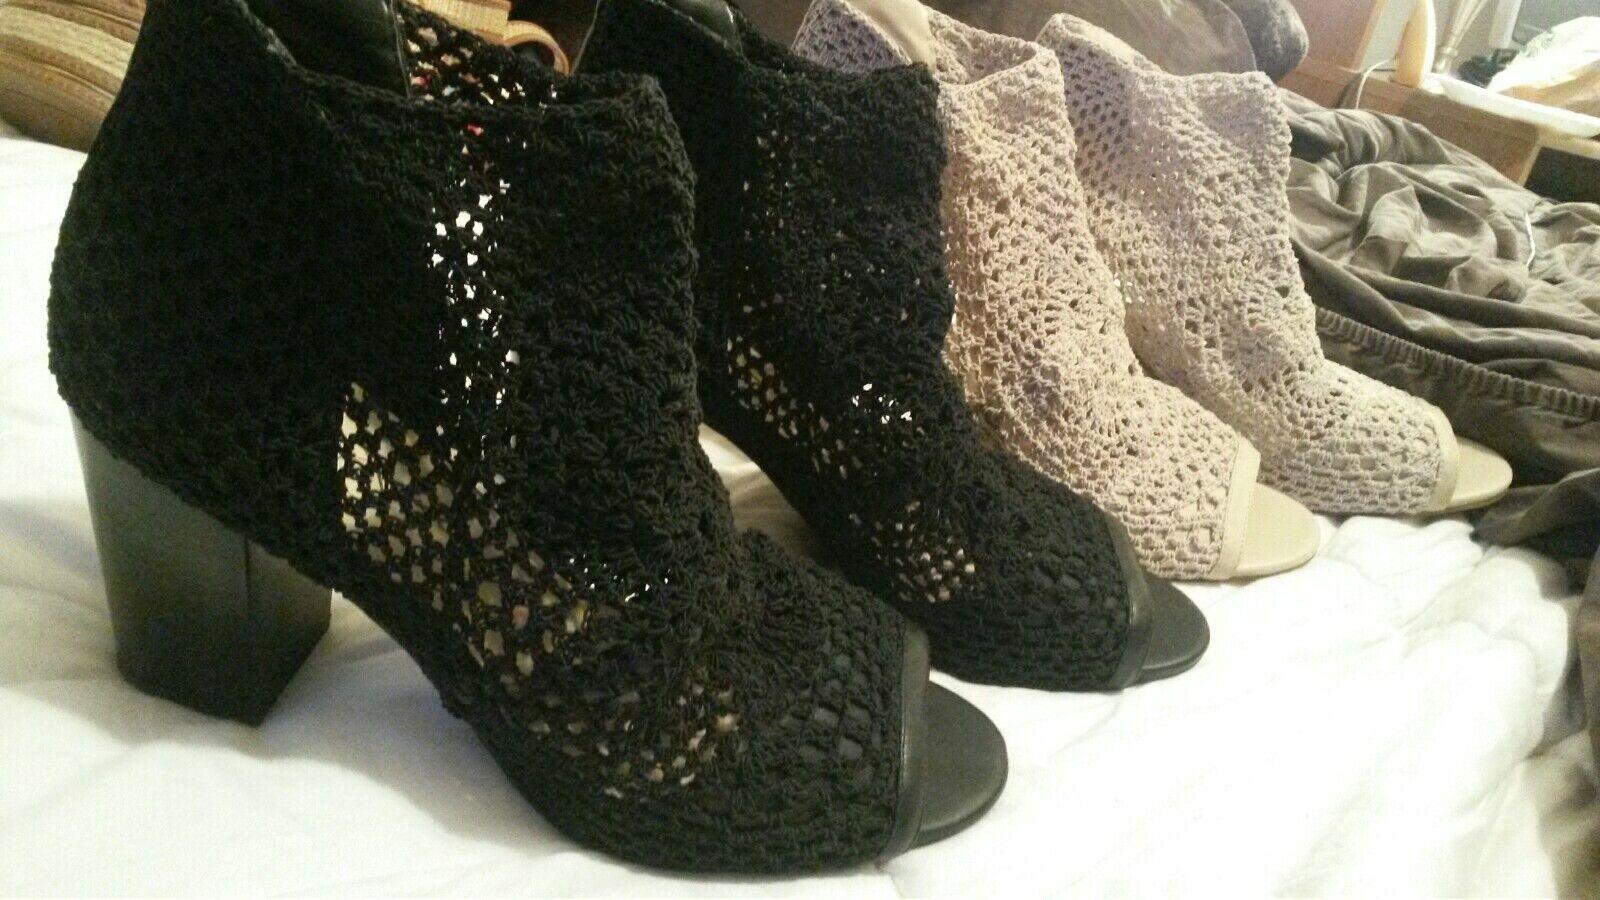 Jessica Simpson schwarz and braun tweed Stiefelie sandle schuhe 12 12 12 9d89f4